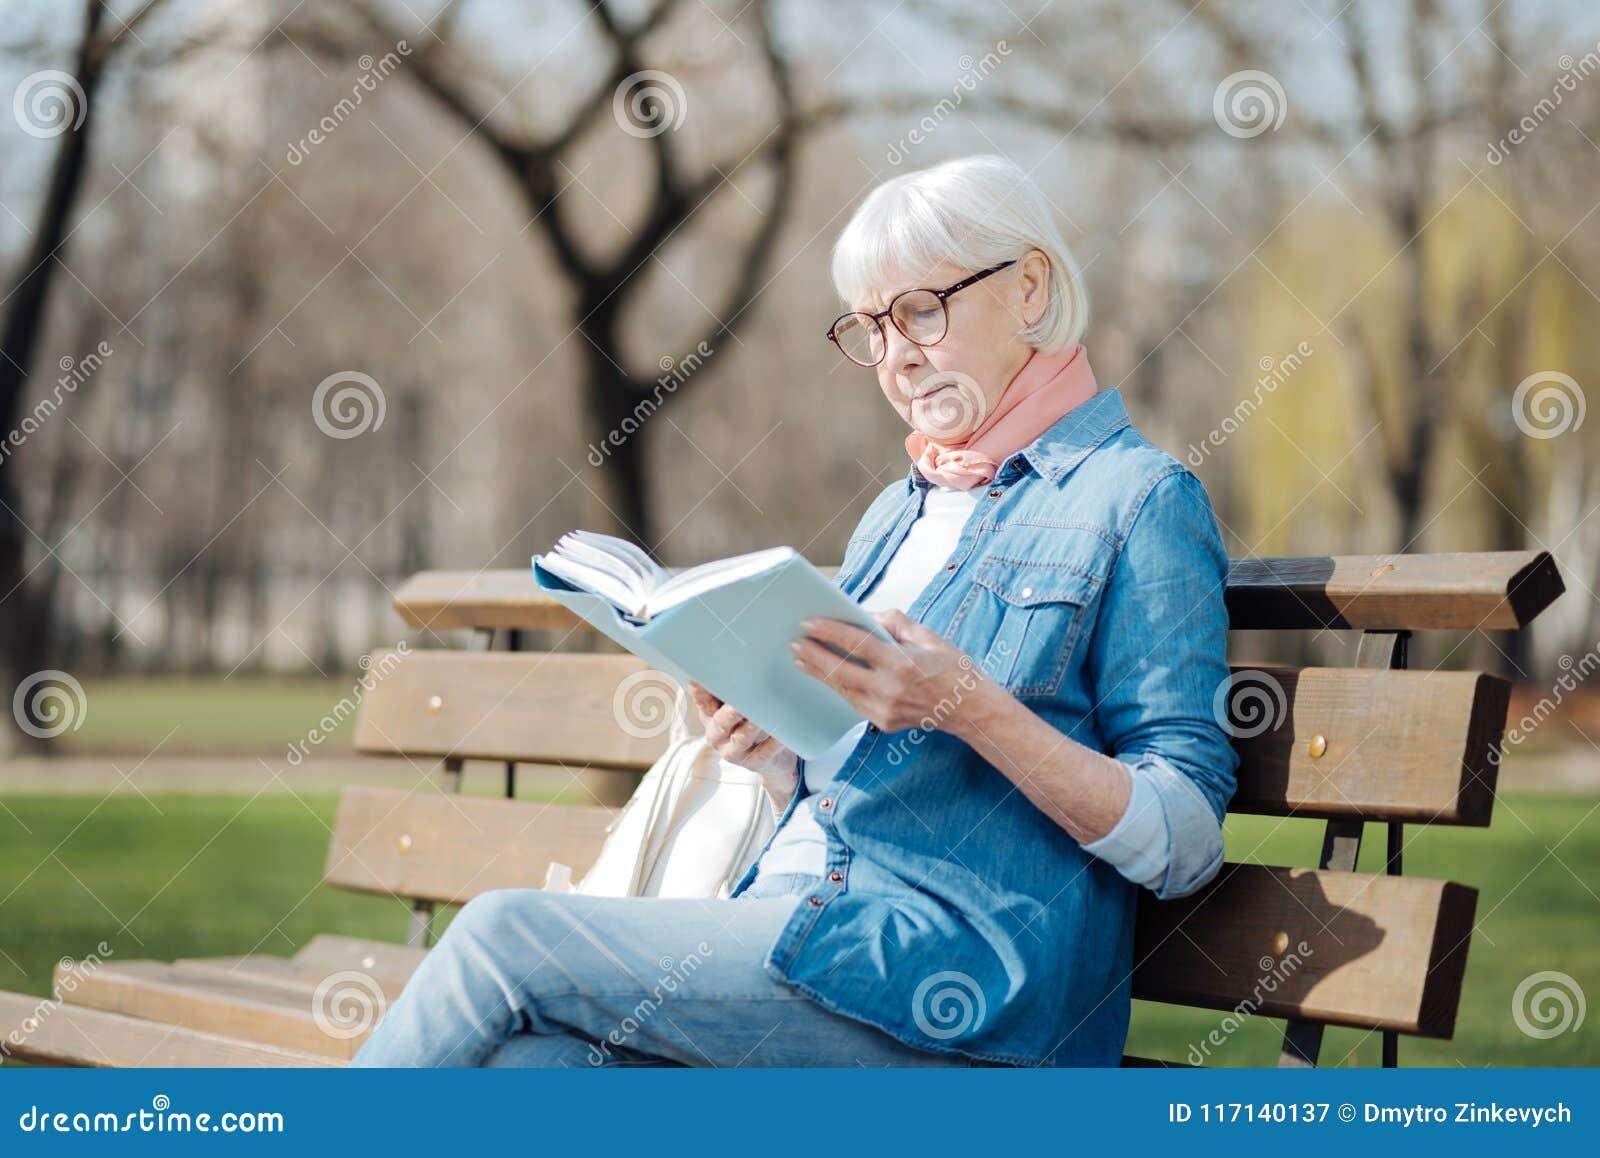 Συγκεντρωμένη ηλικιωμένη γυναίκα που διαβάζει ένα βιβλίο